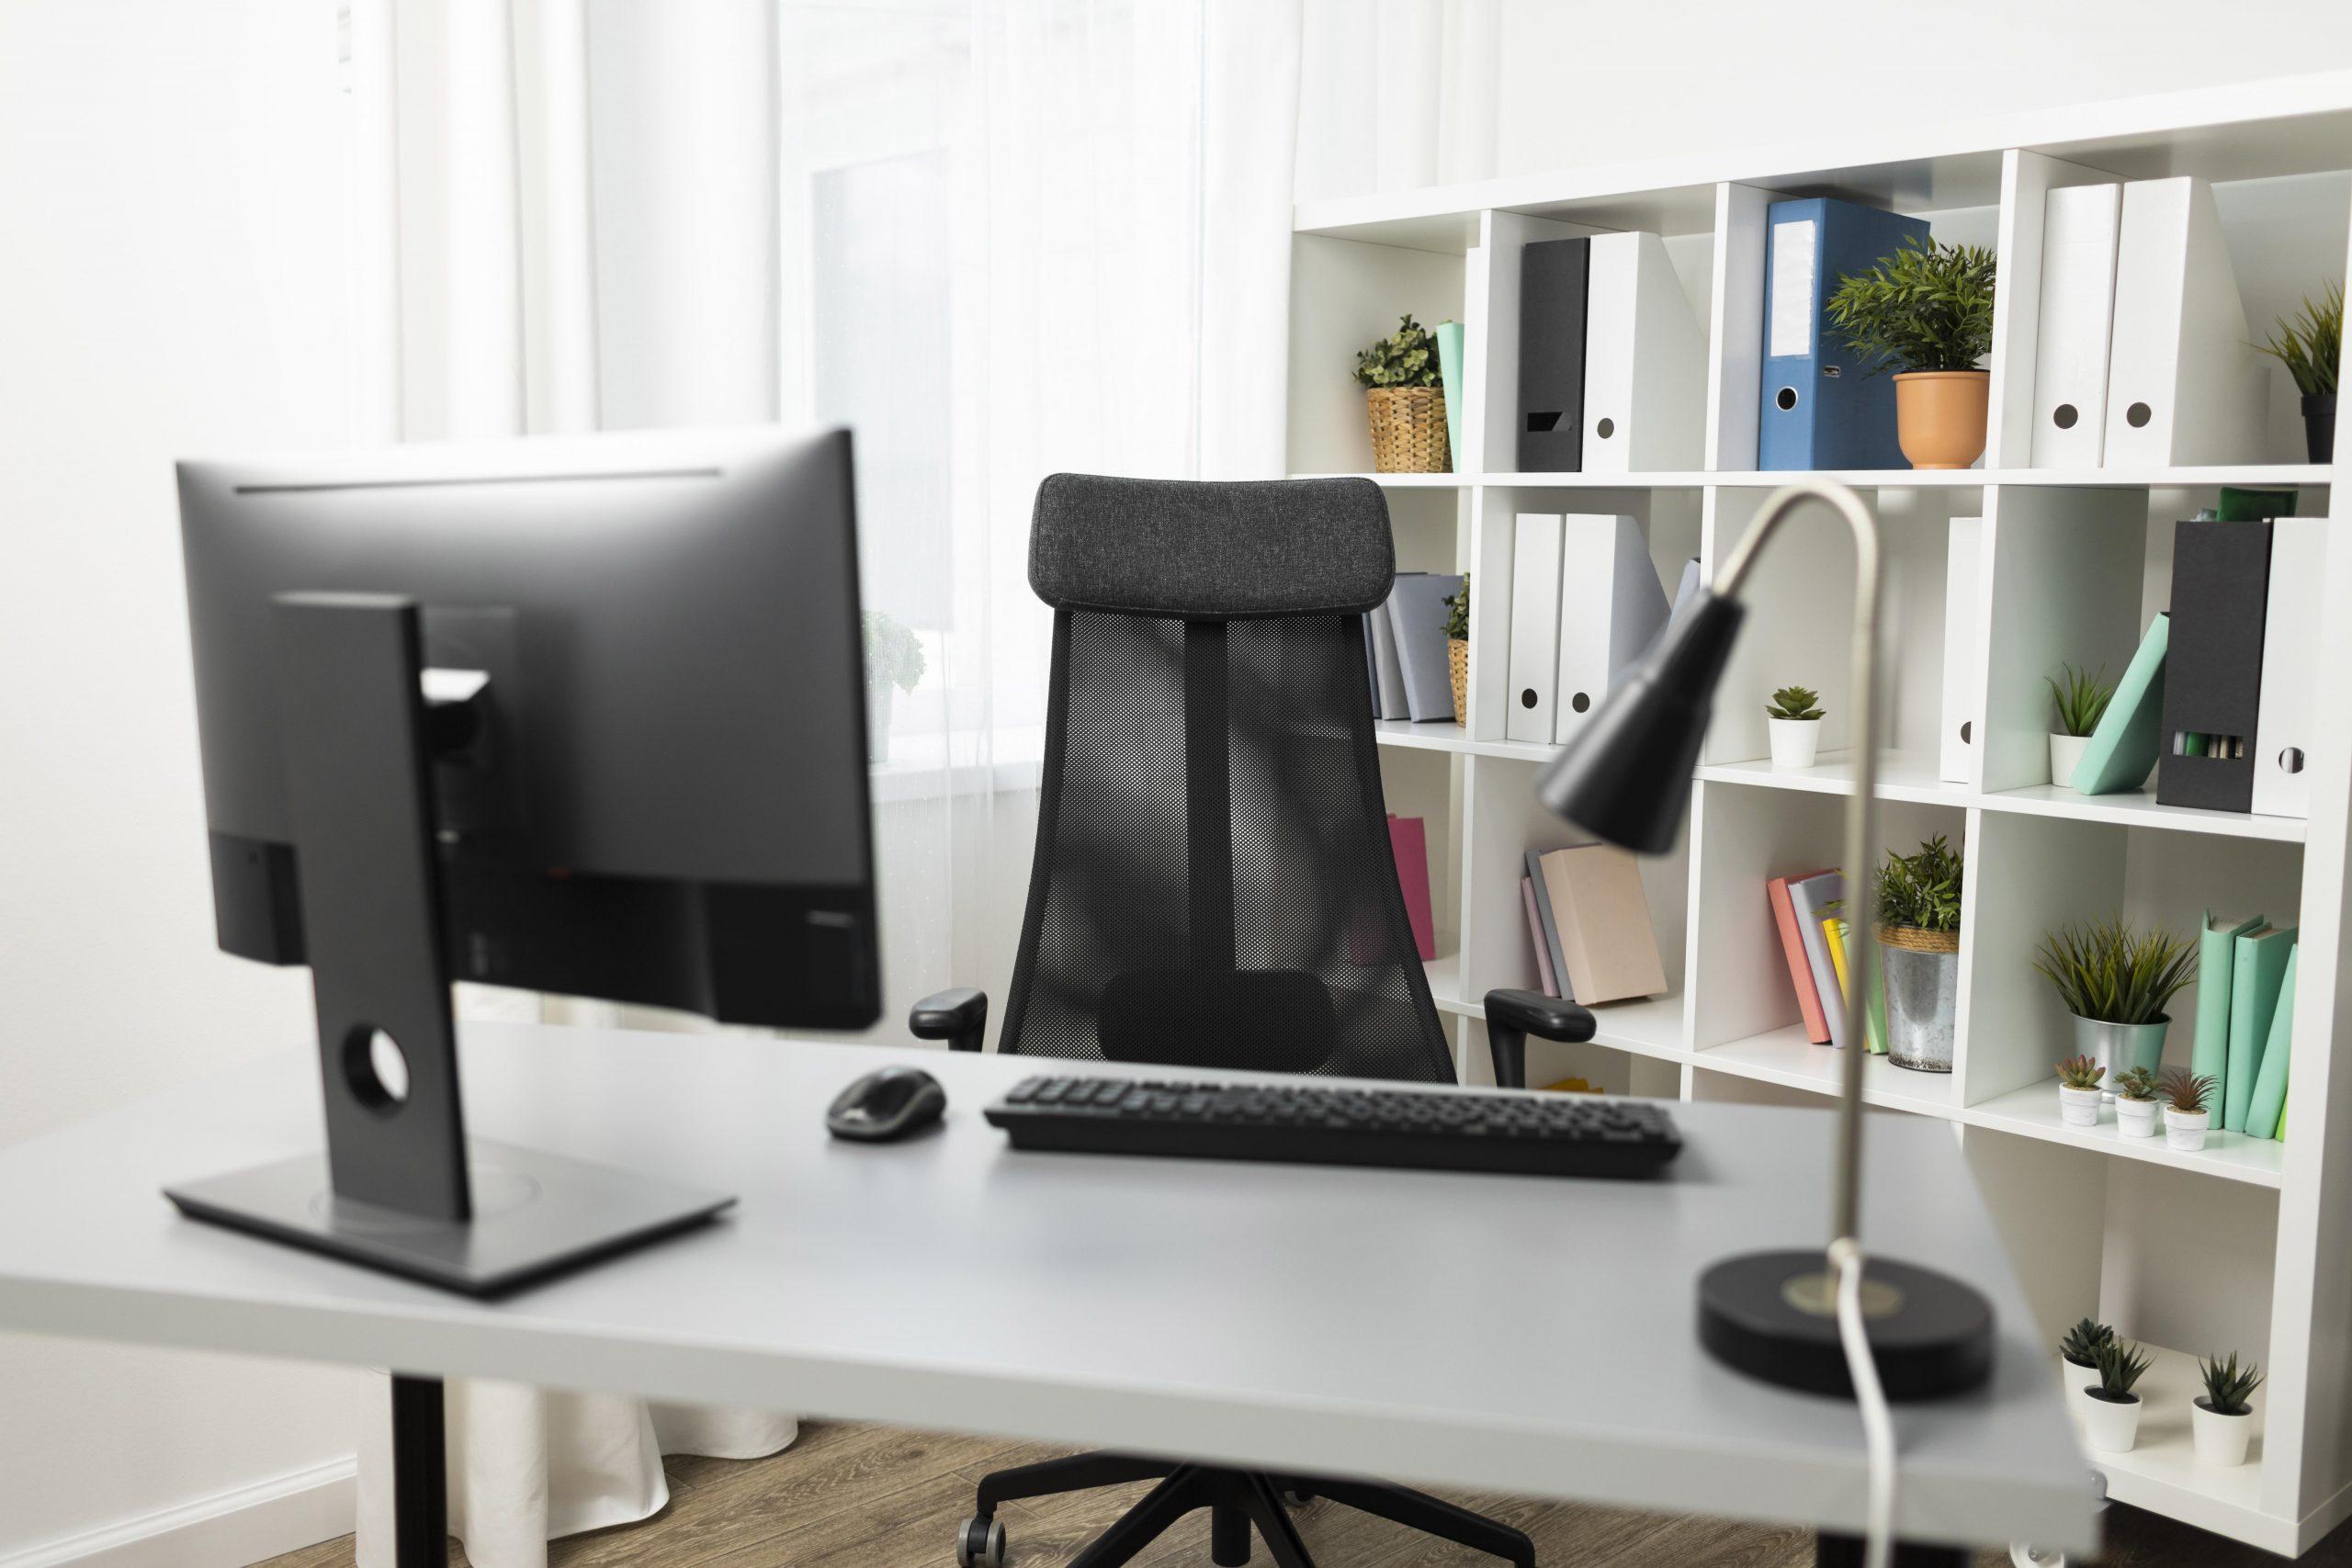 Um local de trabalho com uma mesa, computador, iluminária e cadeira giratória. Ao fundo, existe um armário com plantas, livros e pastas.